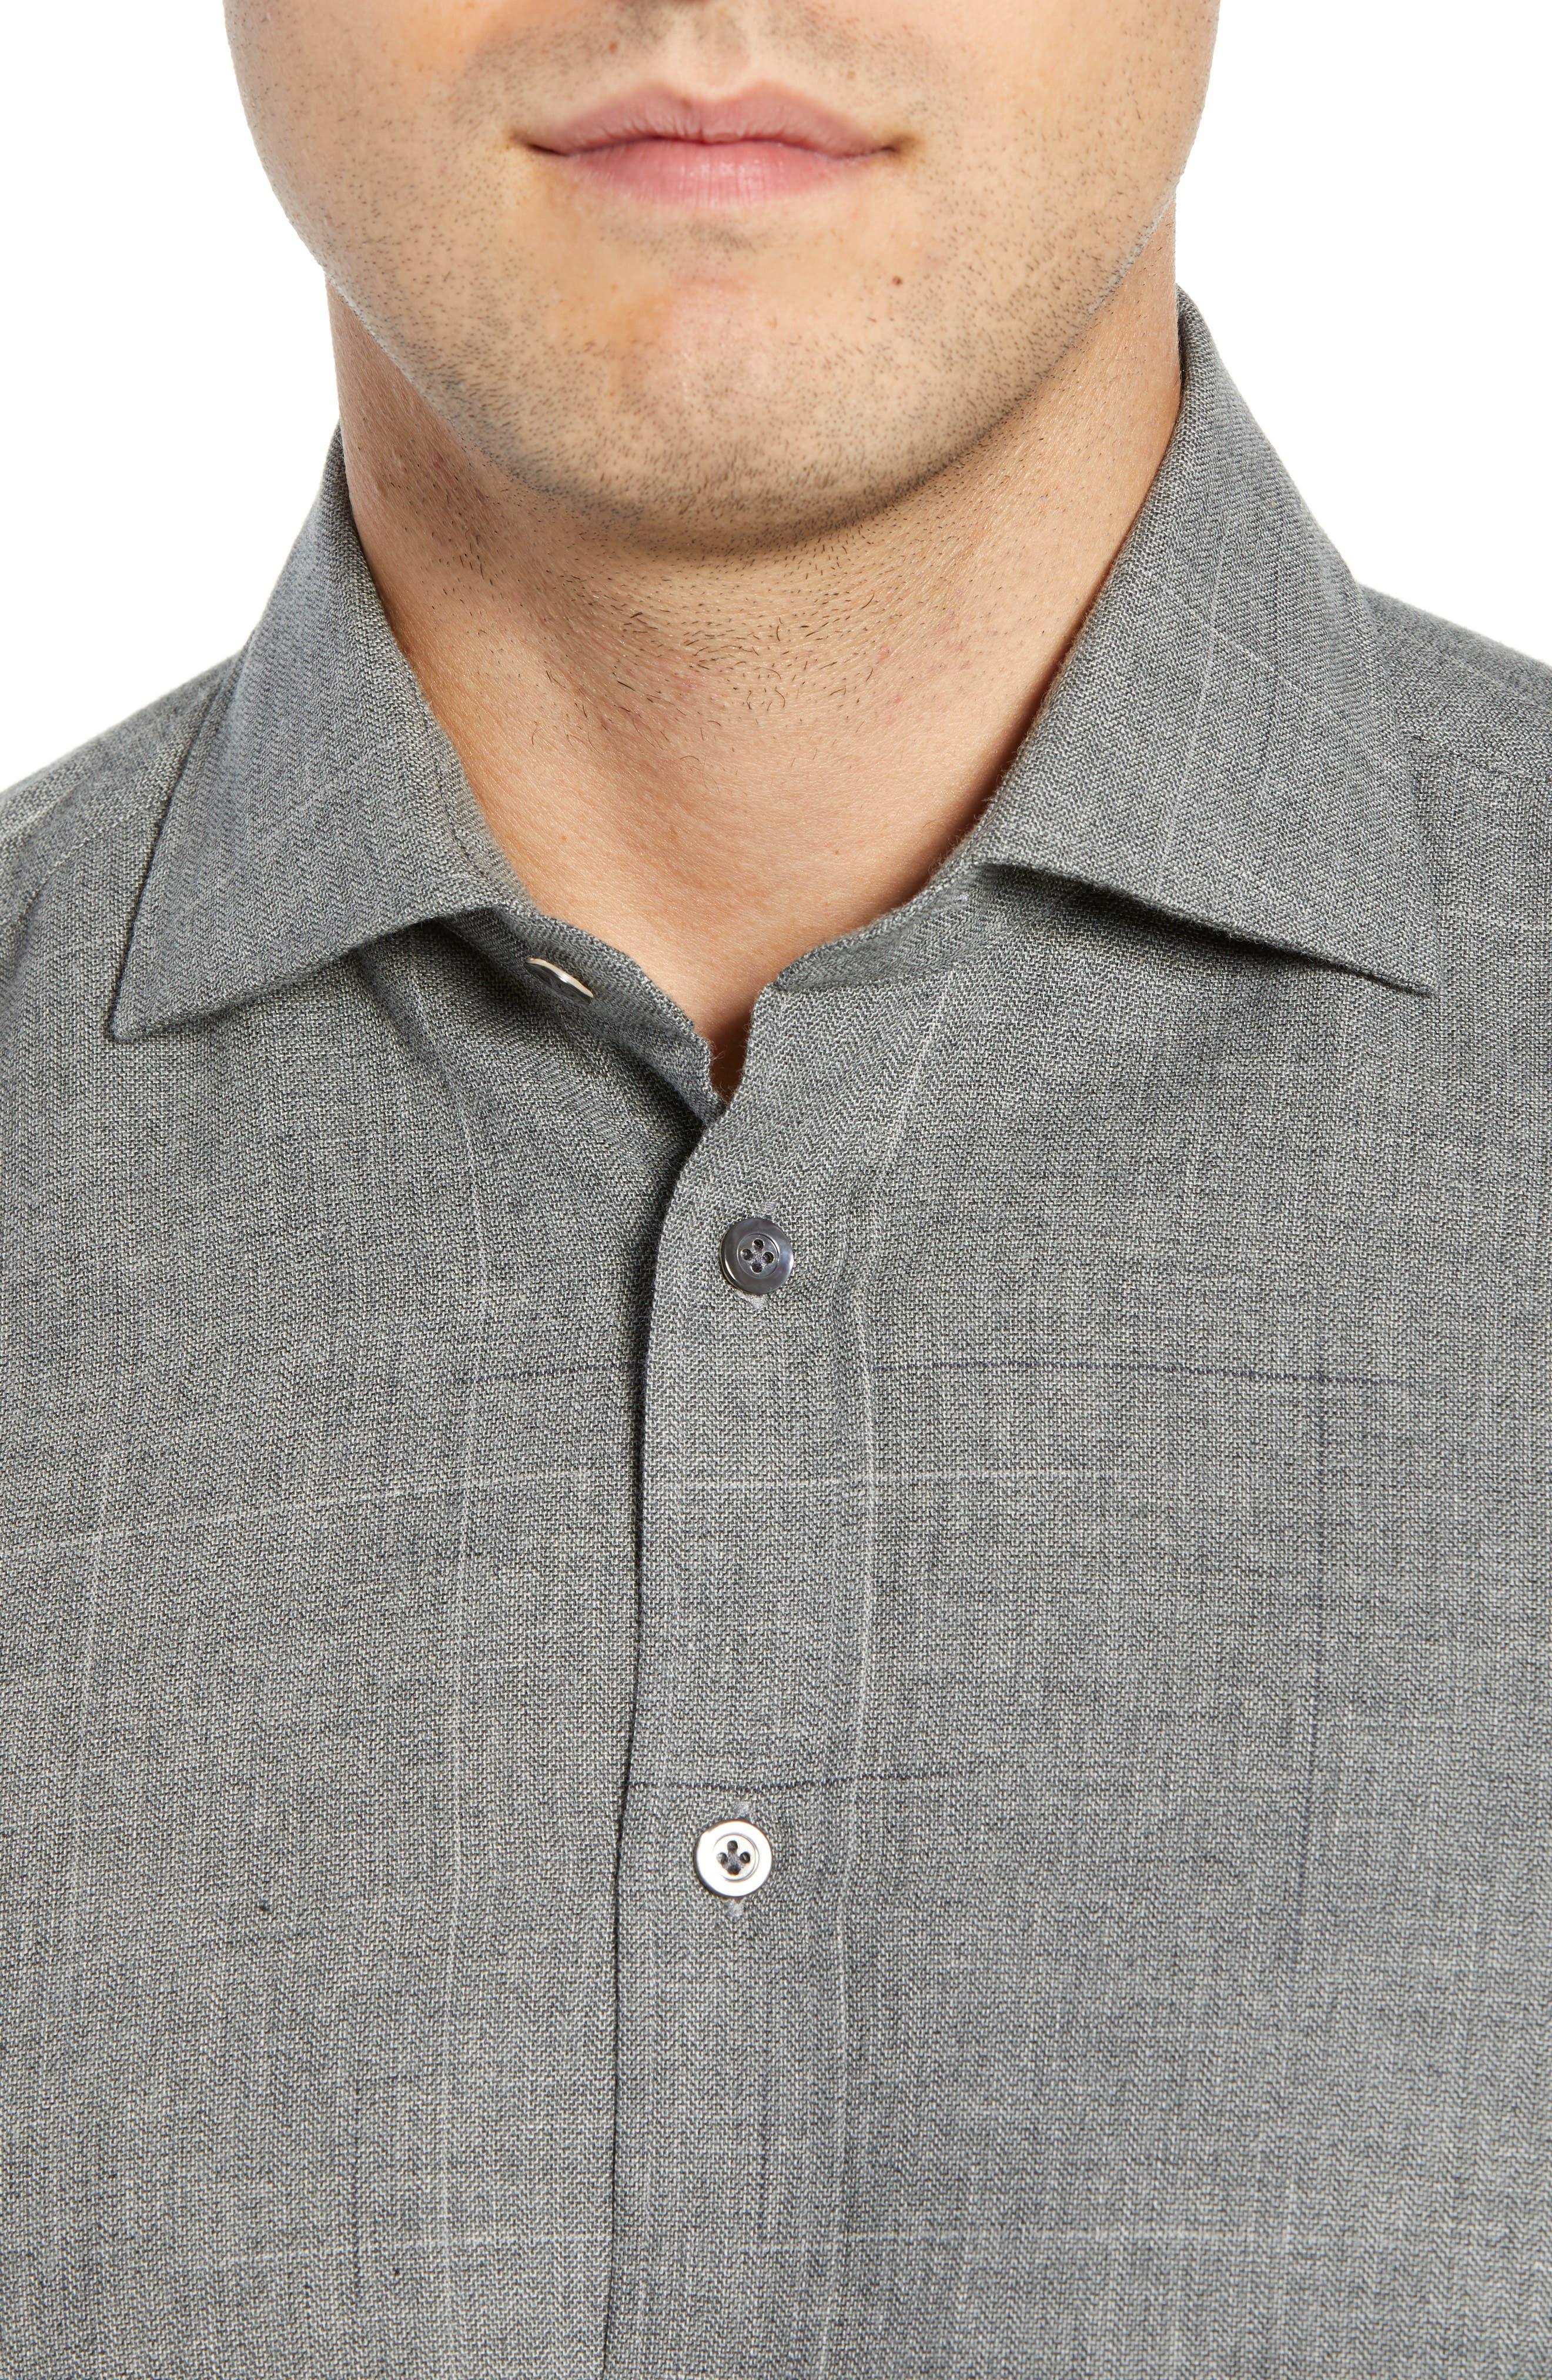 Slim Fit Herringbone Dress Shirt,                             Alternate thumbnail 2, color,                             GREY